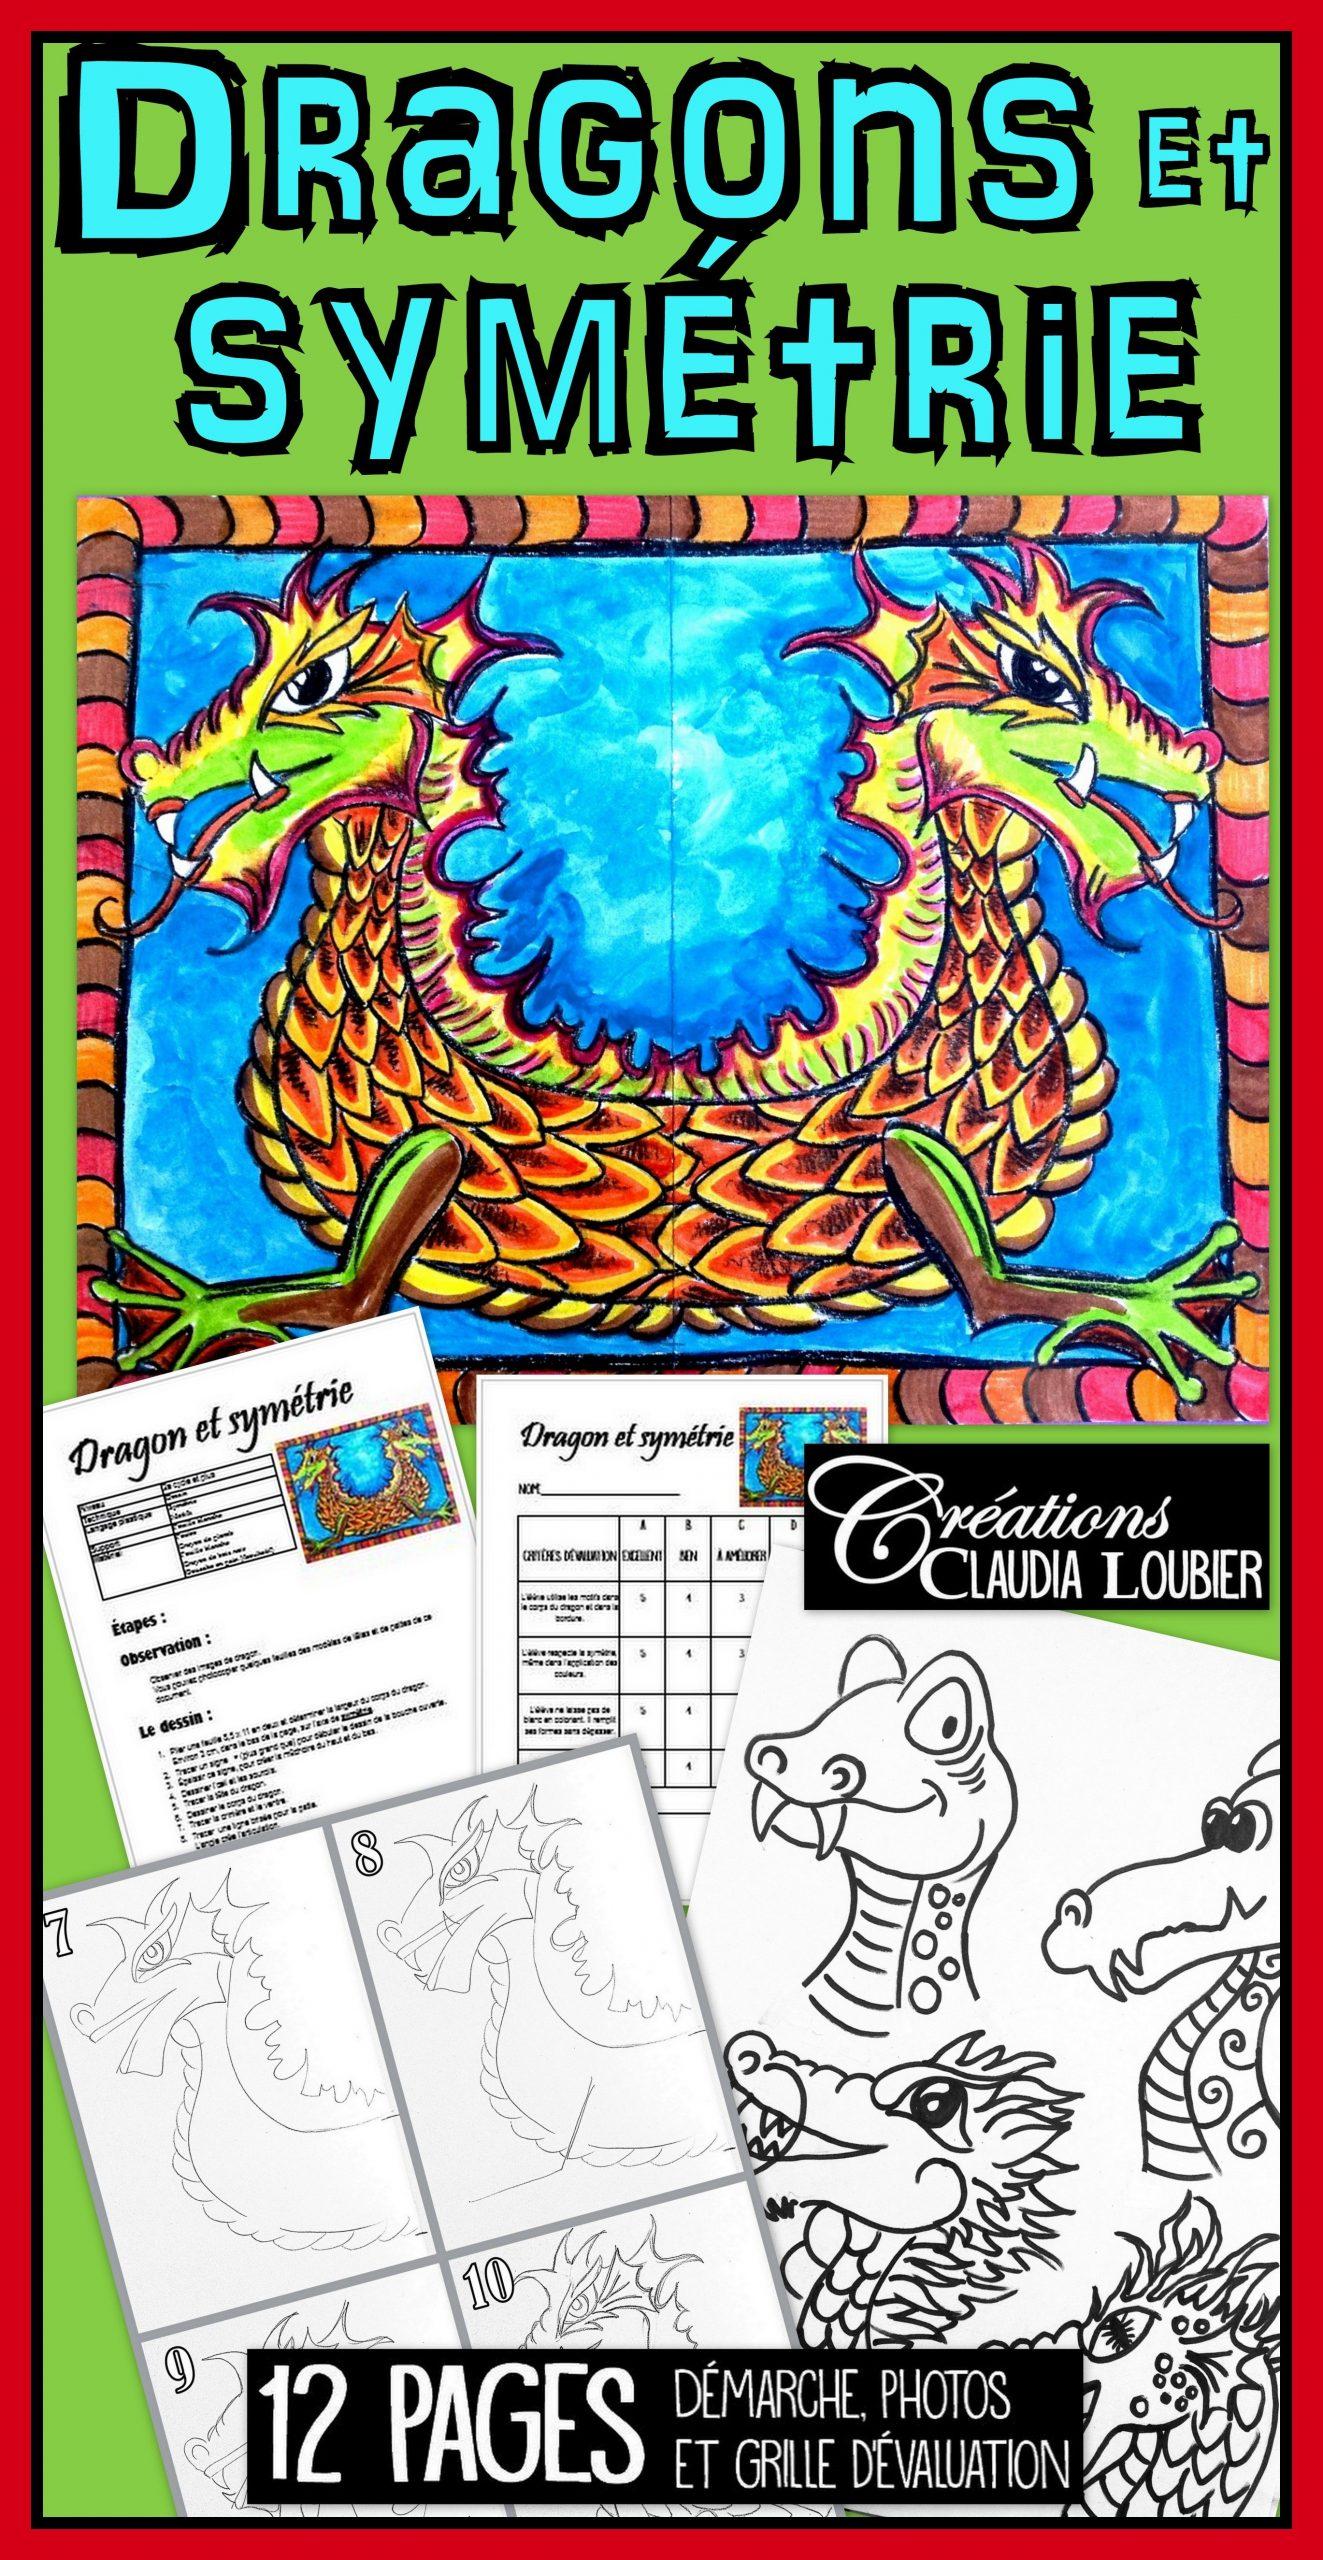 Dragon Et Symétrie: Projet D'arts Plastiques   Art Plastique tout Arts Visuels Symétrie